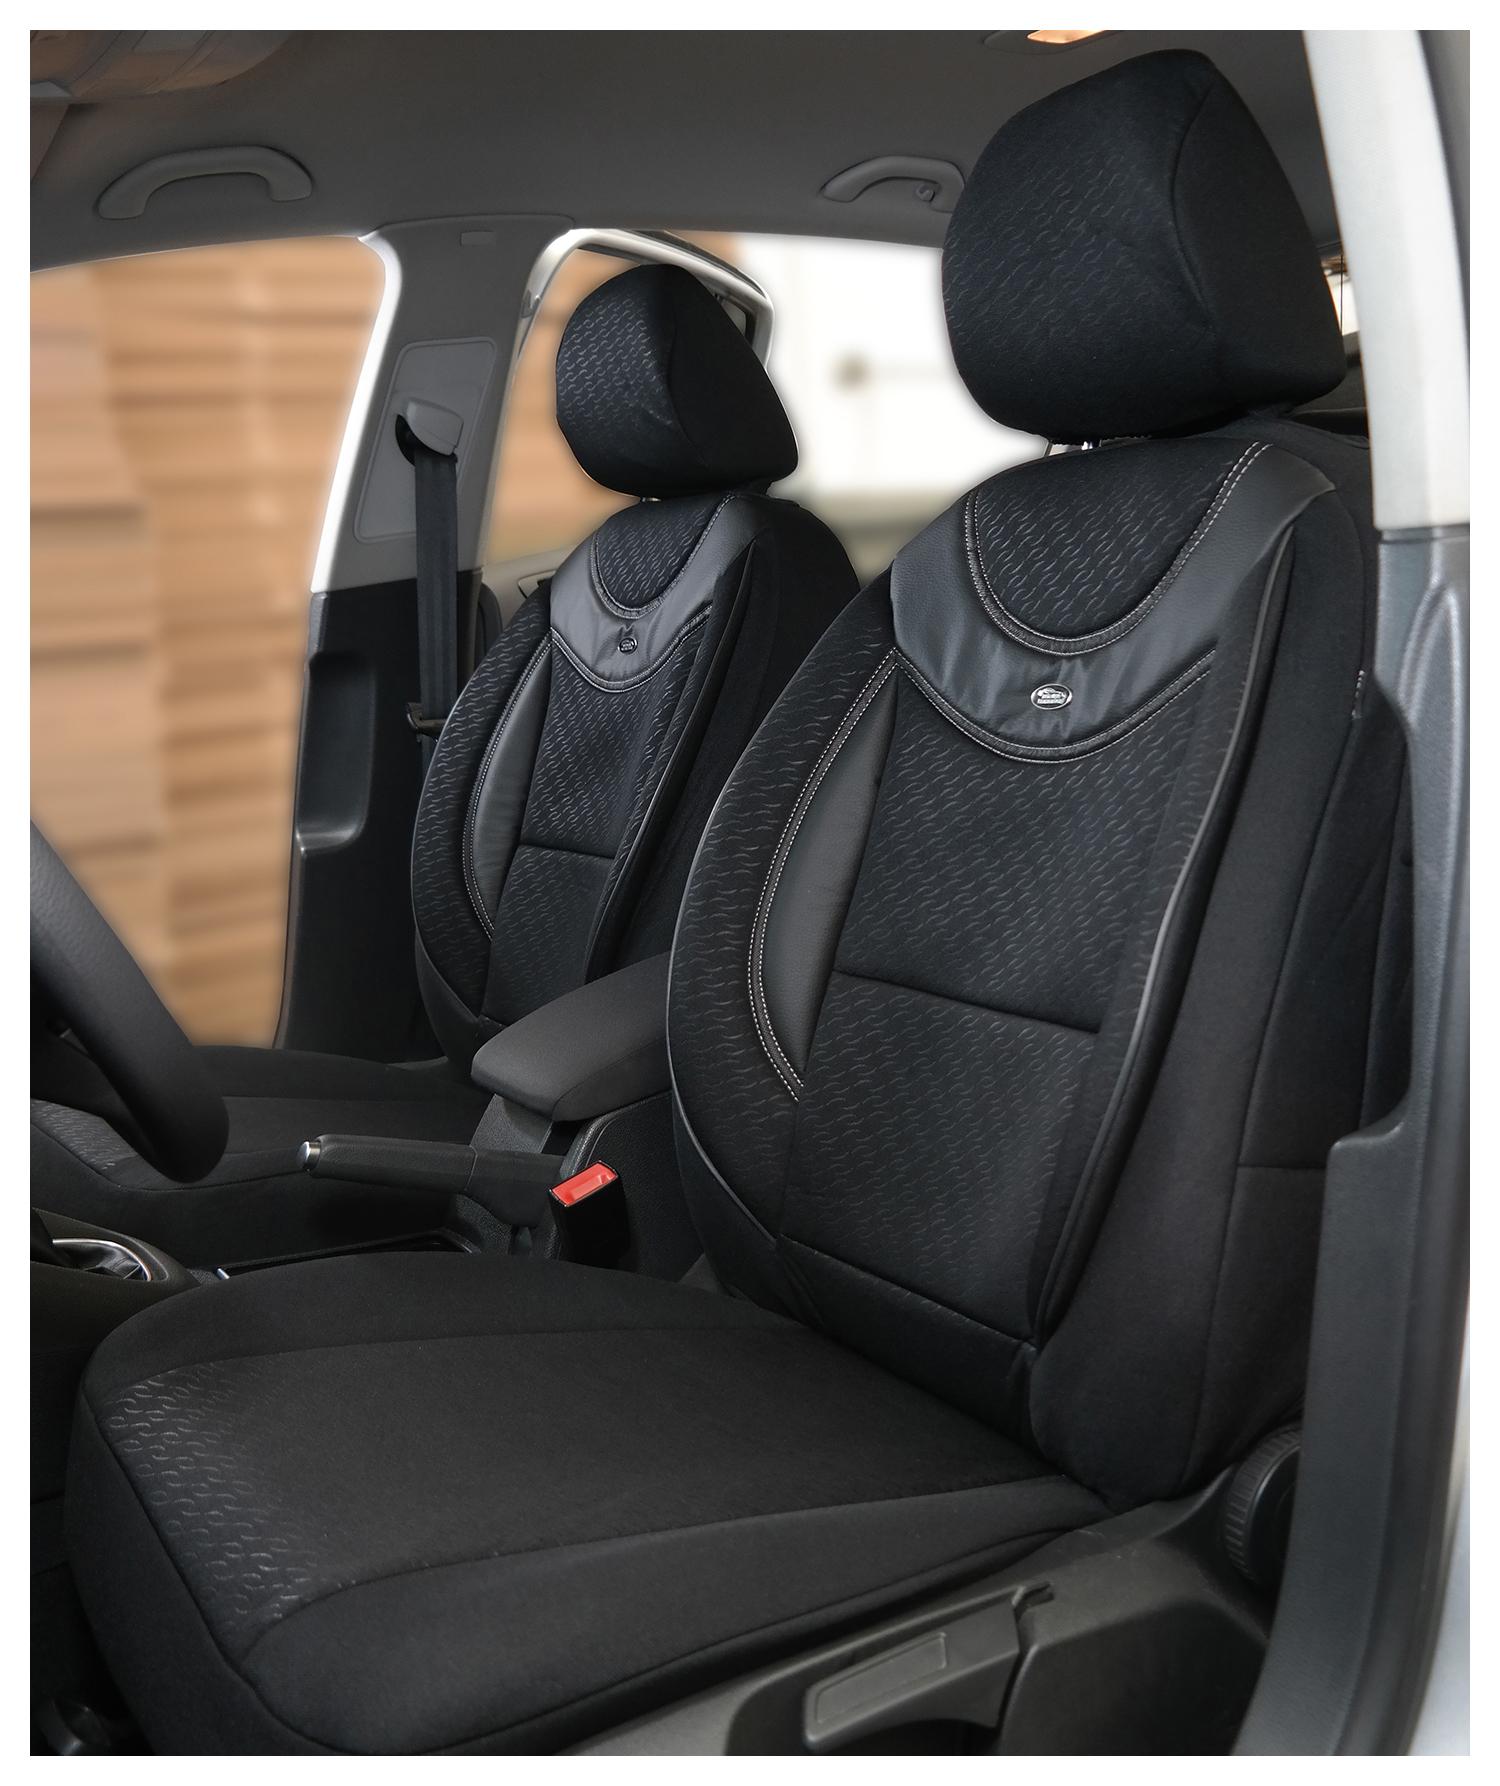 SUZUKI Vitara ab Bj 2015 Maß Sitzbezüge Schonbezüge  Fahrer /& Beifahrer g102